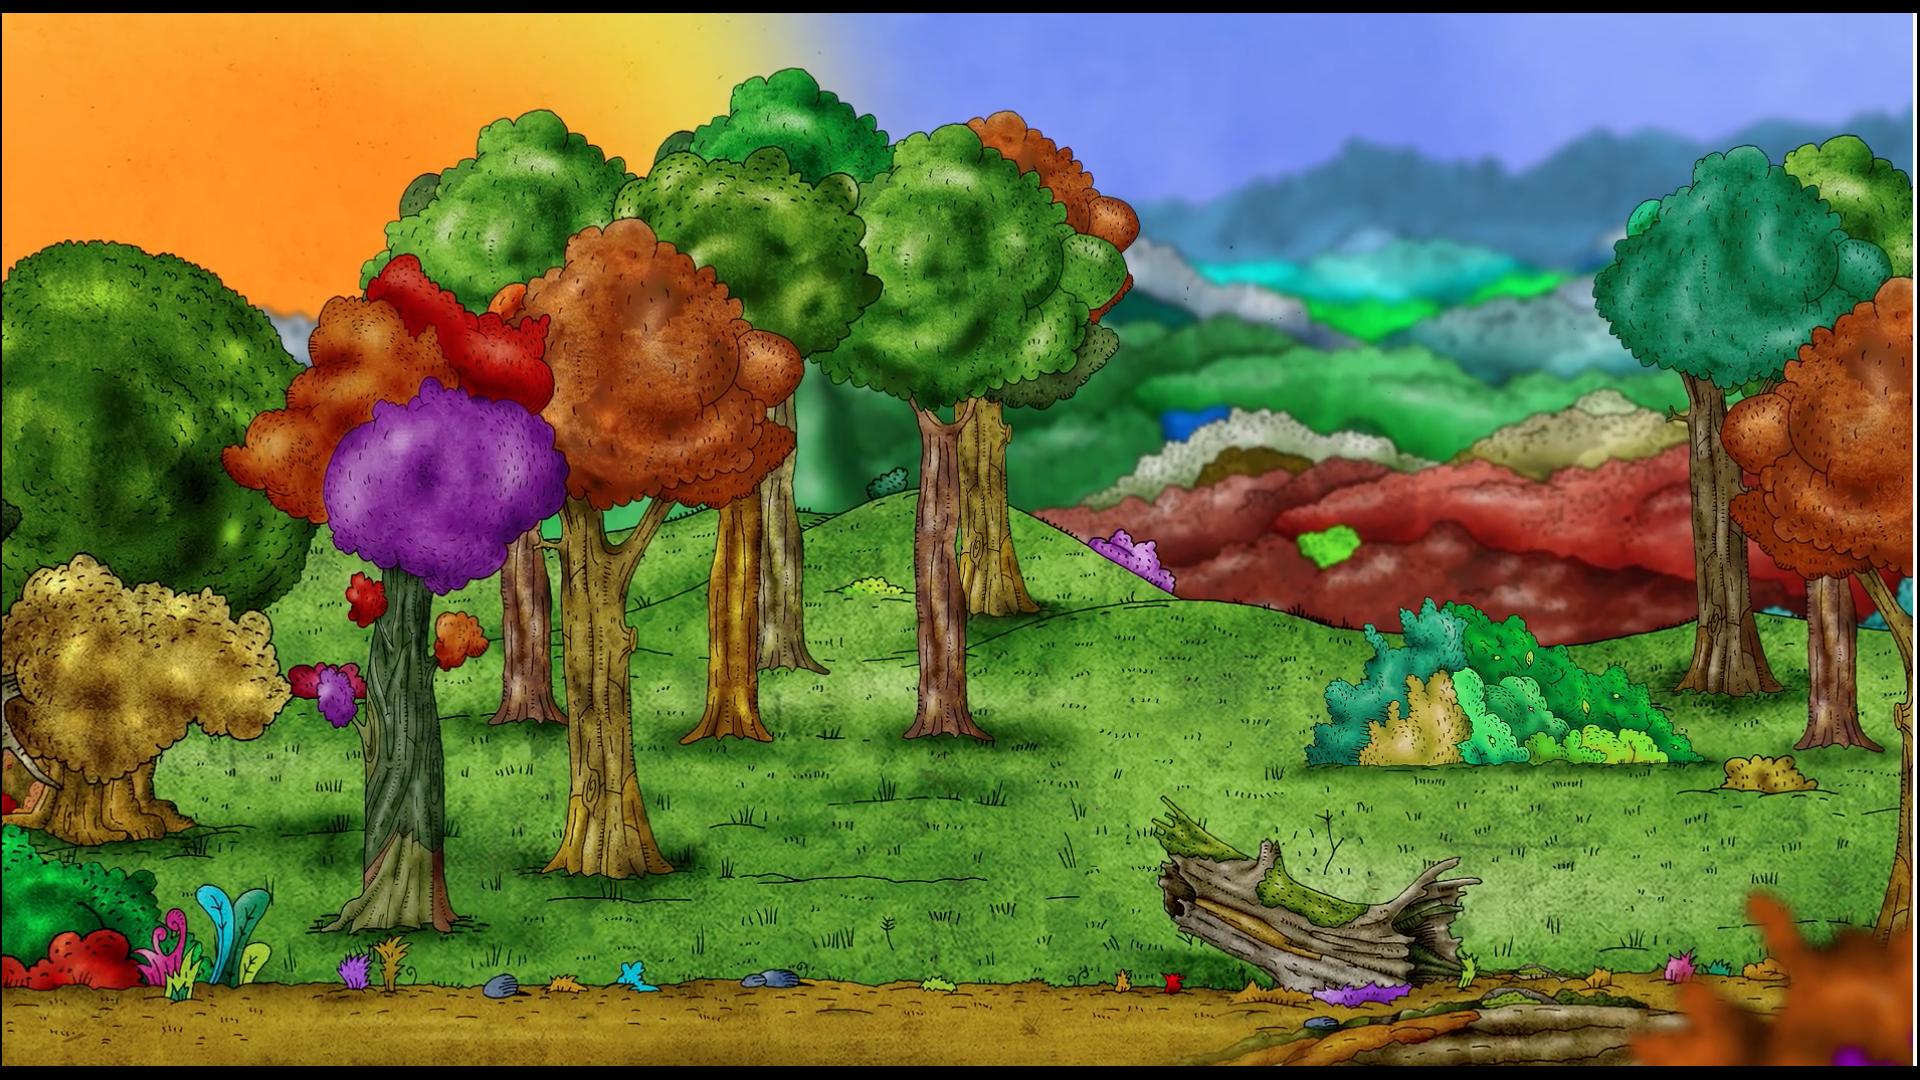 erdei élőhelyek az erdő találkozásánál